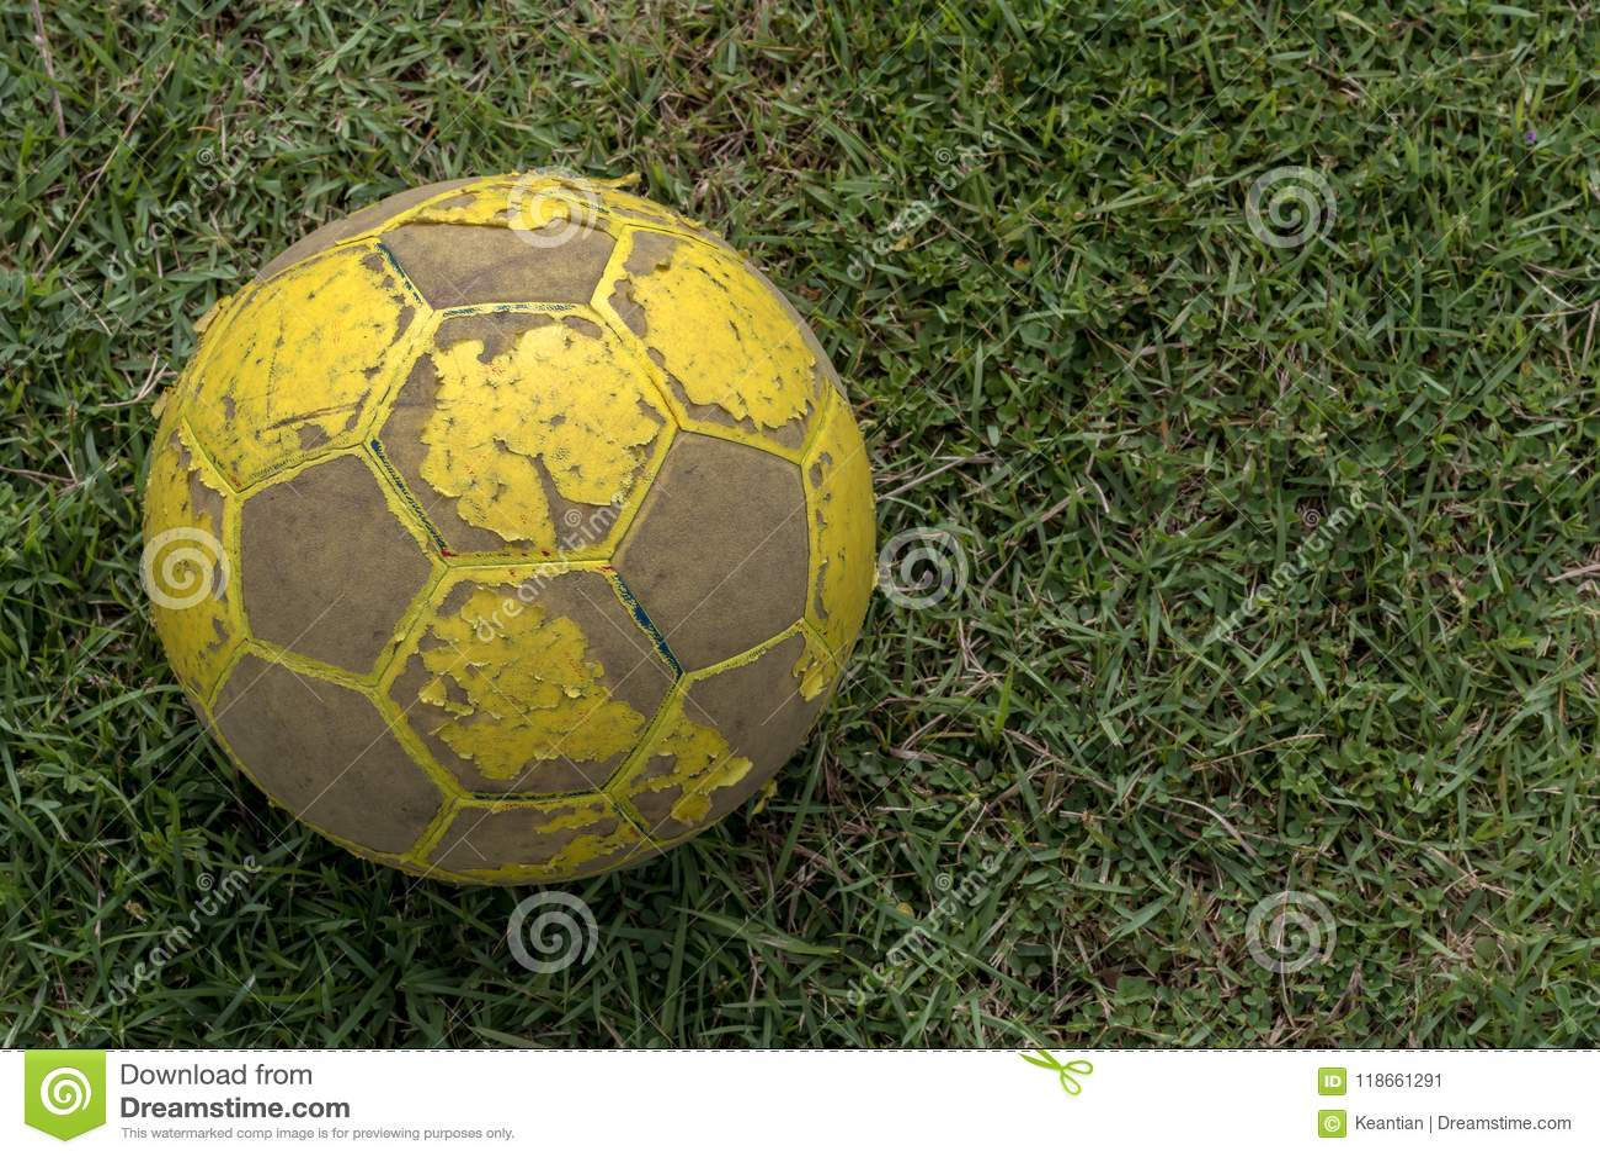 Närbild av gammal fotboll som ligger på gräs